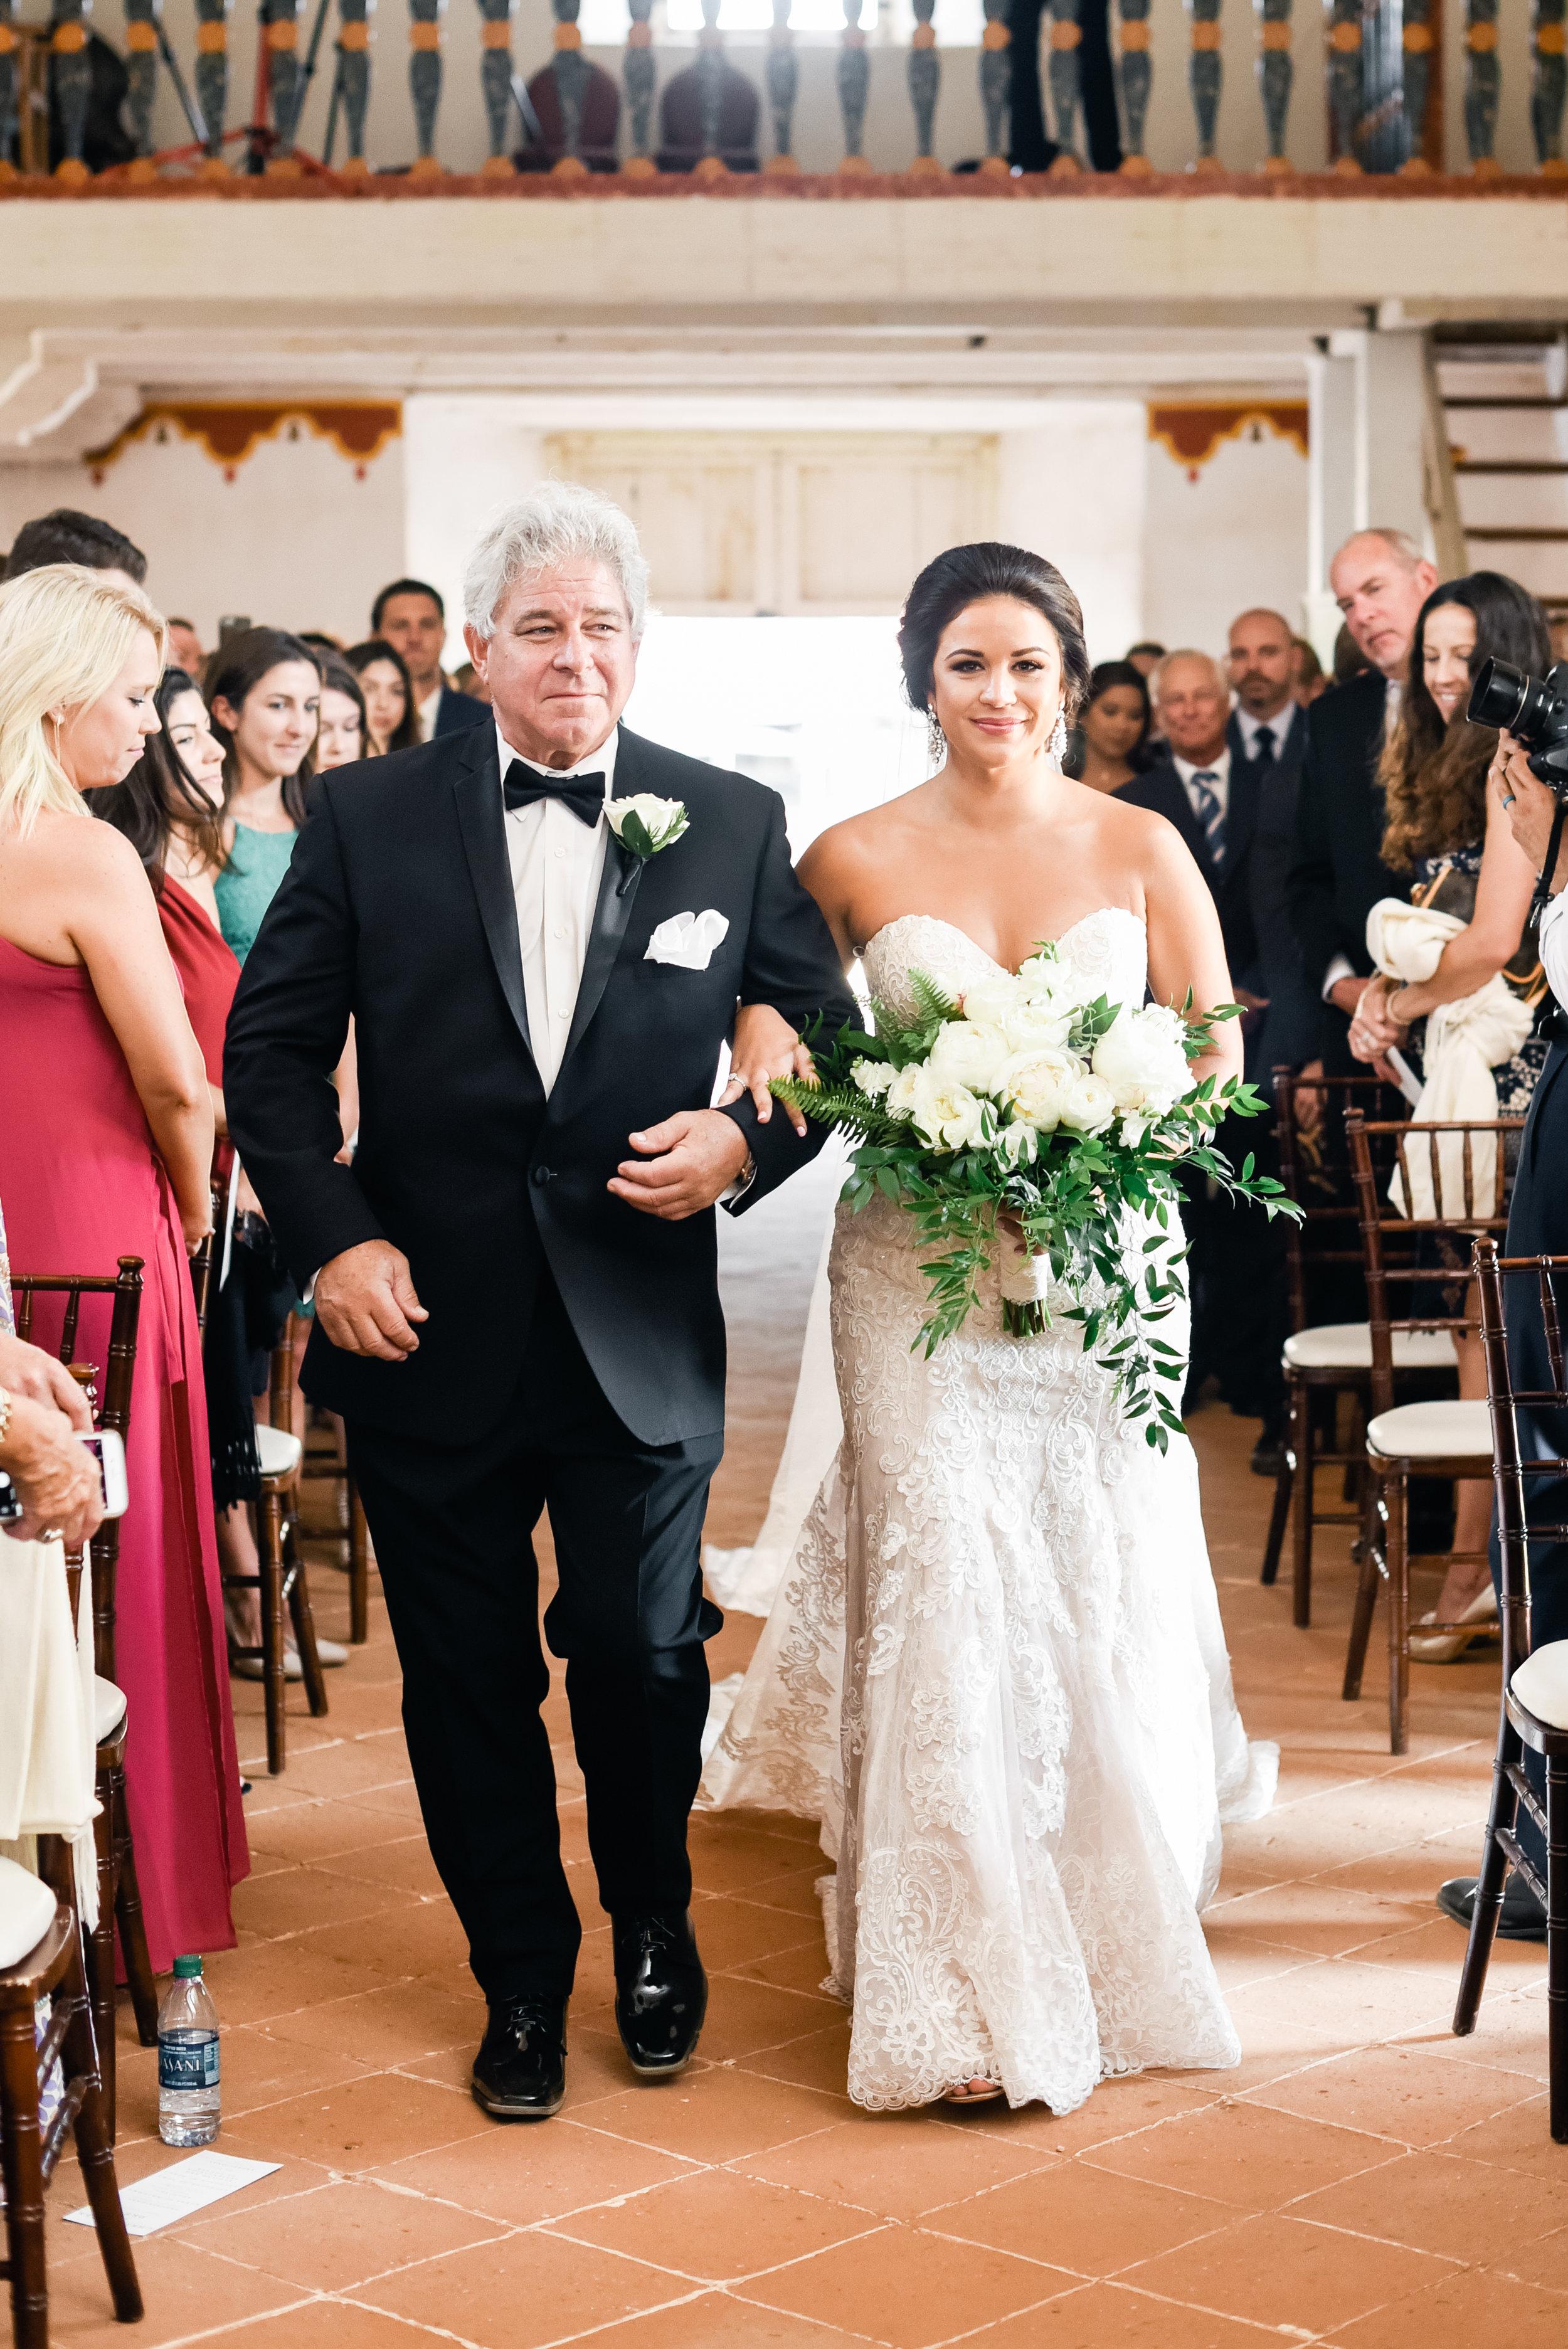 www.santabarbarawedding.com   El Presidio   Santa Barbara Club   Taralynn Lawton   Bride and Father walking down aisle